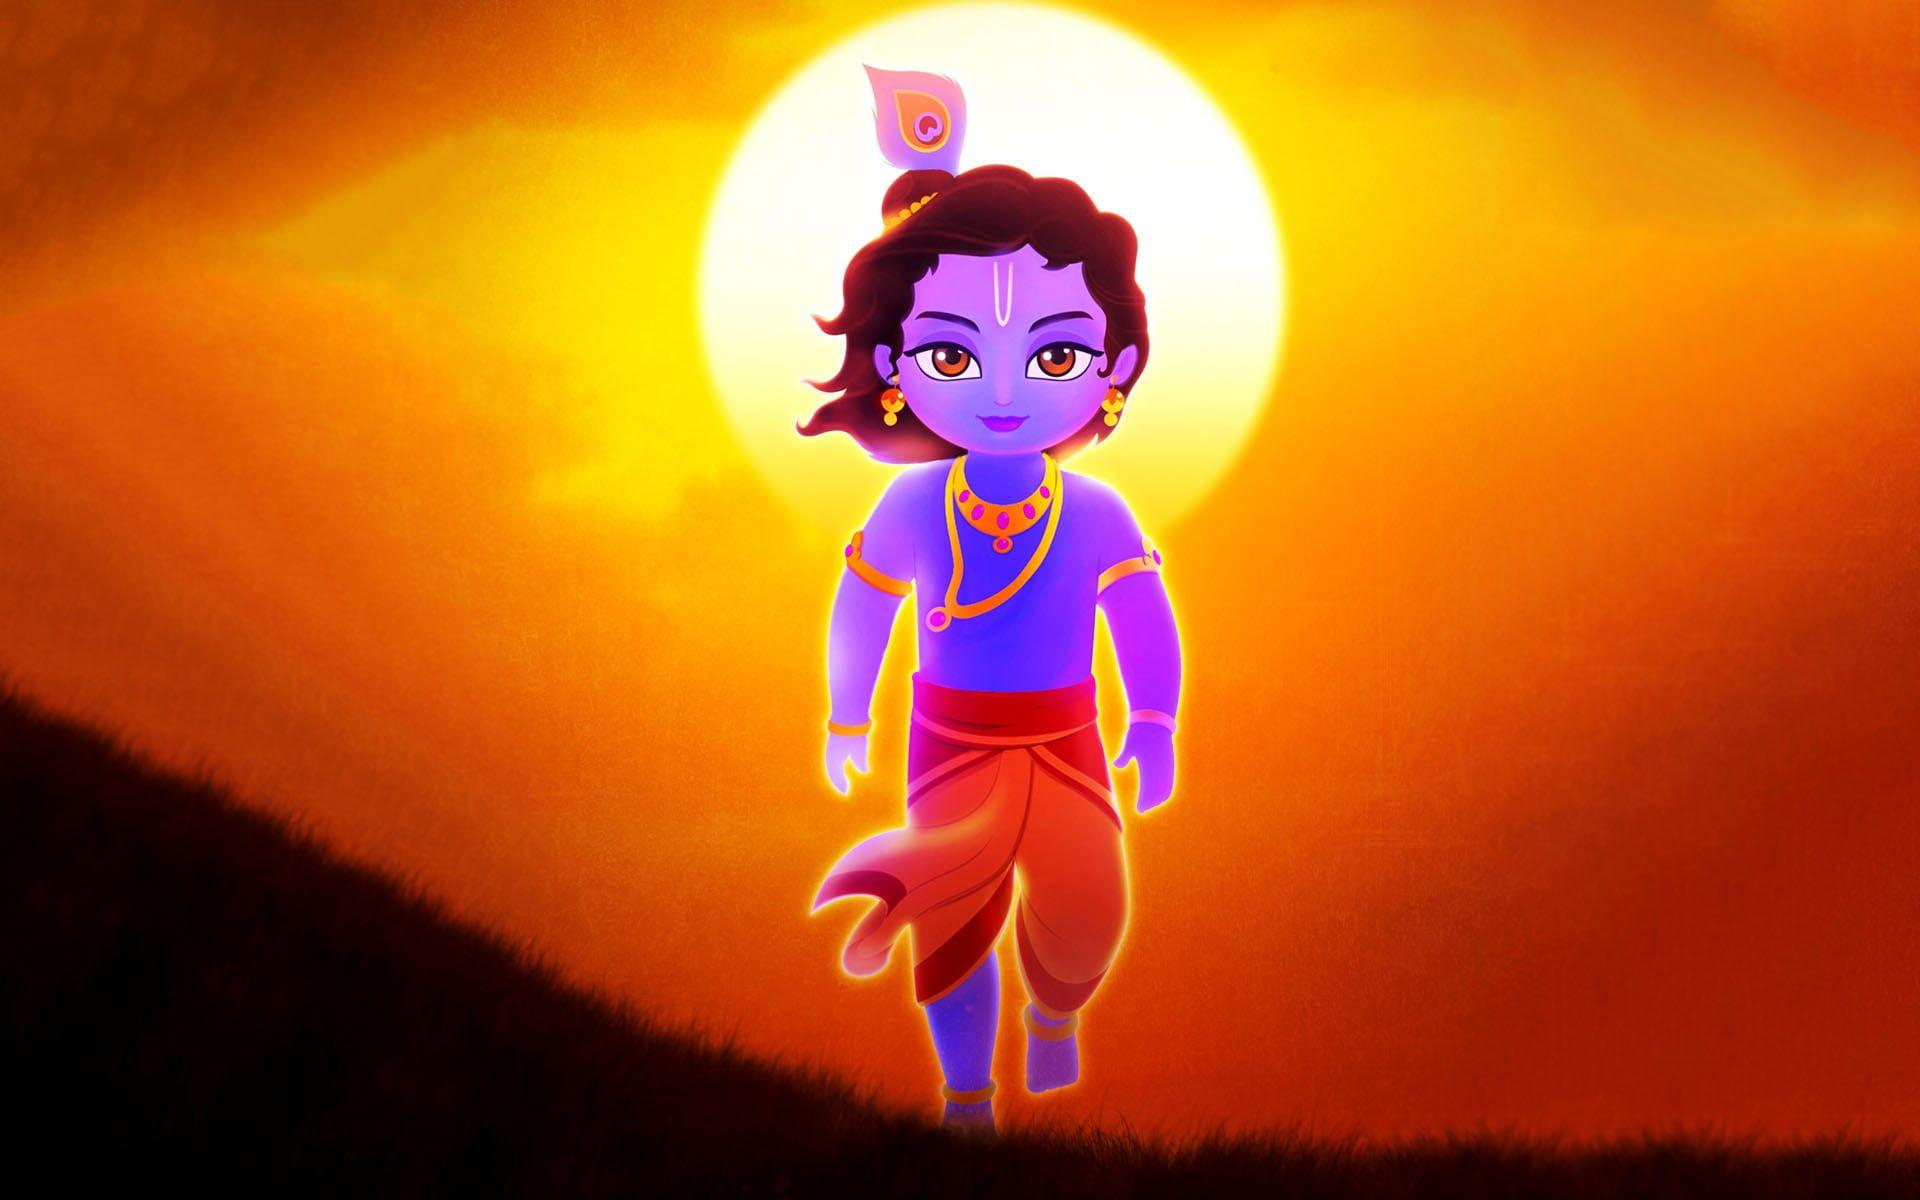 Lord Krishna Illustration Krishna Illustration God Lord Krishna 1080p Wallpaper Hdwallpaper Desktop Little Krishna Krishna Wallpaper Krishna